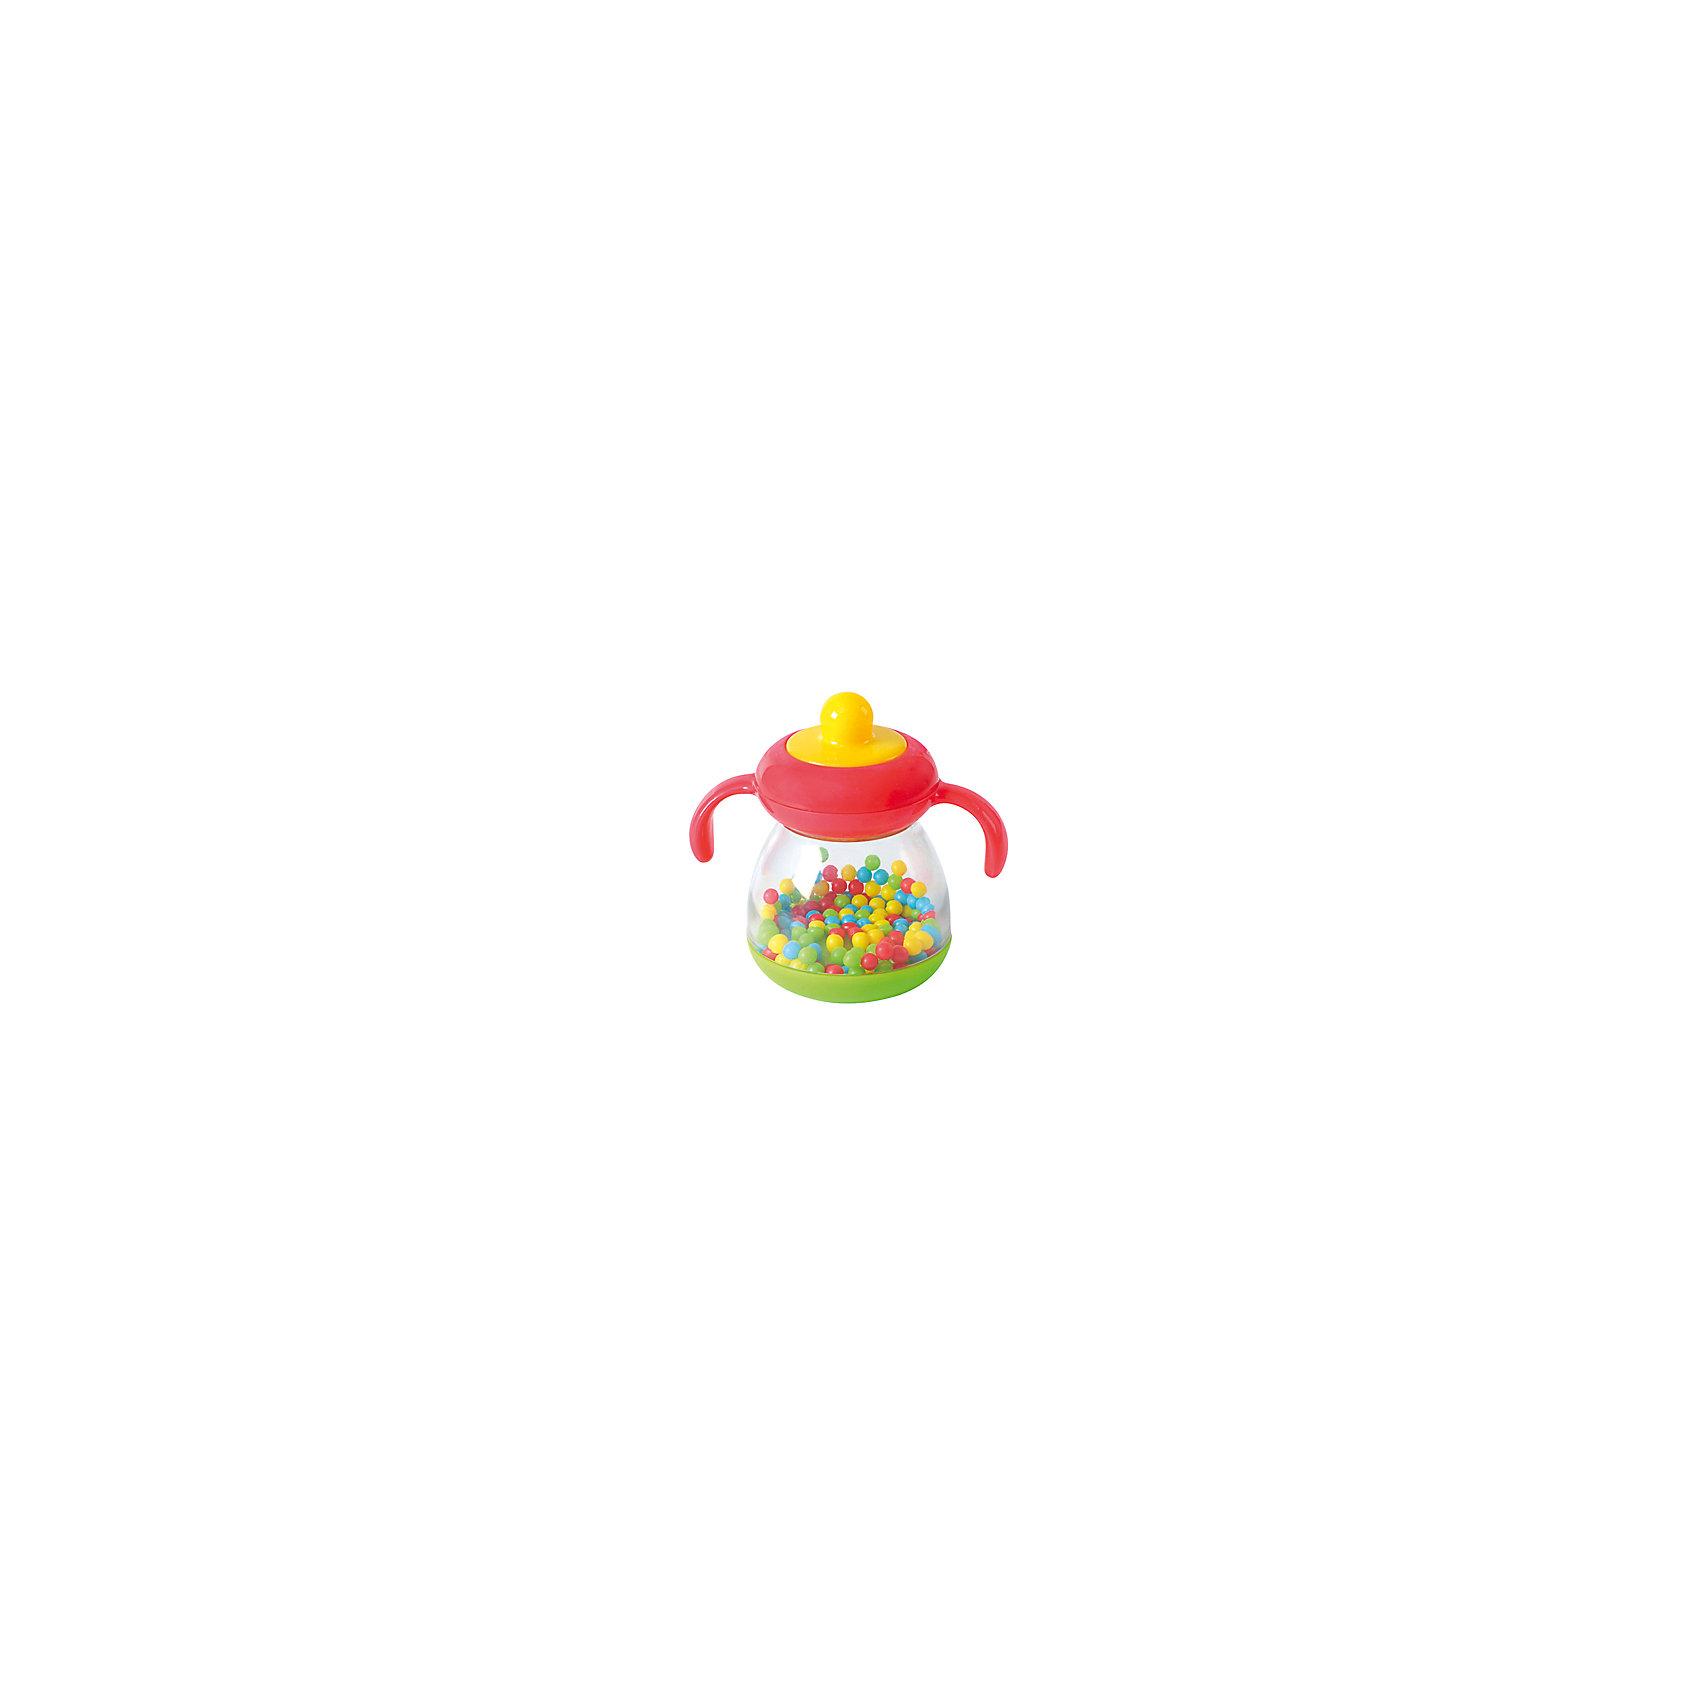 Развивающая игрушка Бутылочка c шариками, PlaygoРазвивающие игрушки<br>Развивающая игрушка Бутылочка c шариками, Playgo<br><br>Характеристики:<br>- Материал: пластик<br>- В комплект входит: игрушка <br>- Размер упаковки: 16 * 6 * 18 см.<br>- Вес: 120 гр.<br>Игрушка бутылочка с шариками от известного китайского бренда развивающих игрушек для детей Playgo (Плейго) станет прекрасным подарком для крохи. Маленькие цветные шарики прыгают во все стороны и гремят как погремушка, если потрясти бутылочку. Прочный противоударный высококачественный пластик прослужит долго, а сама игрушка поможет развить тактильные ощущения, звуковое восприятие, воображение, световое восприятие и моторику ручек. Небольшой размер позволит брать веселую игрушку на прогулку или в поездку.<br>Развивающую игрушку Бутылочка c шариками, Playgo (Плейго) можно купить в нашем интернет-магазине.<br>Подробнее:<br>• Для детей в возрасте: от 0 до 18 месяцев <br>• Номер товара: 5054061<br>Страна производитель: Китай<br><br>Ширина мм: 150<br>Глубина мм: 150<br>Высота мм: 60<br>Вес г: 130<br>Возраст от месяцев: 6<br>Возраст до месяцев: 24<br>Пол: Унисекс<br>Возраст: Детский<br>SKU: 5054061